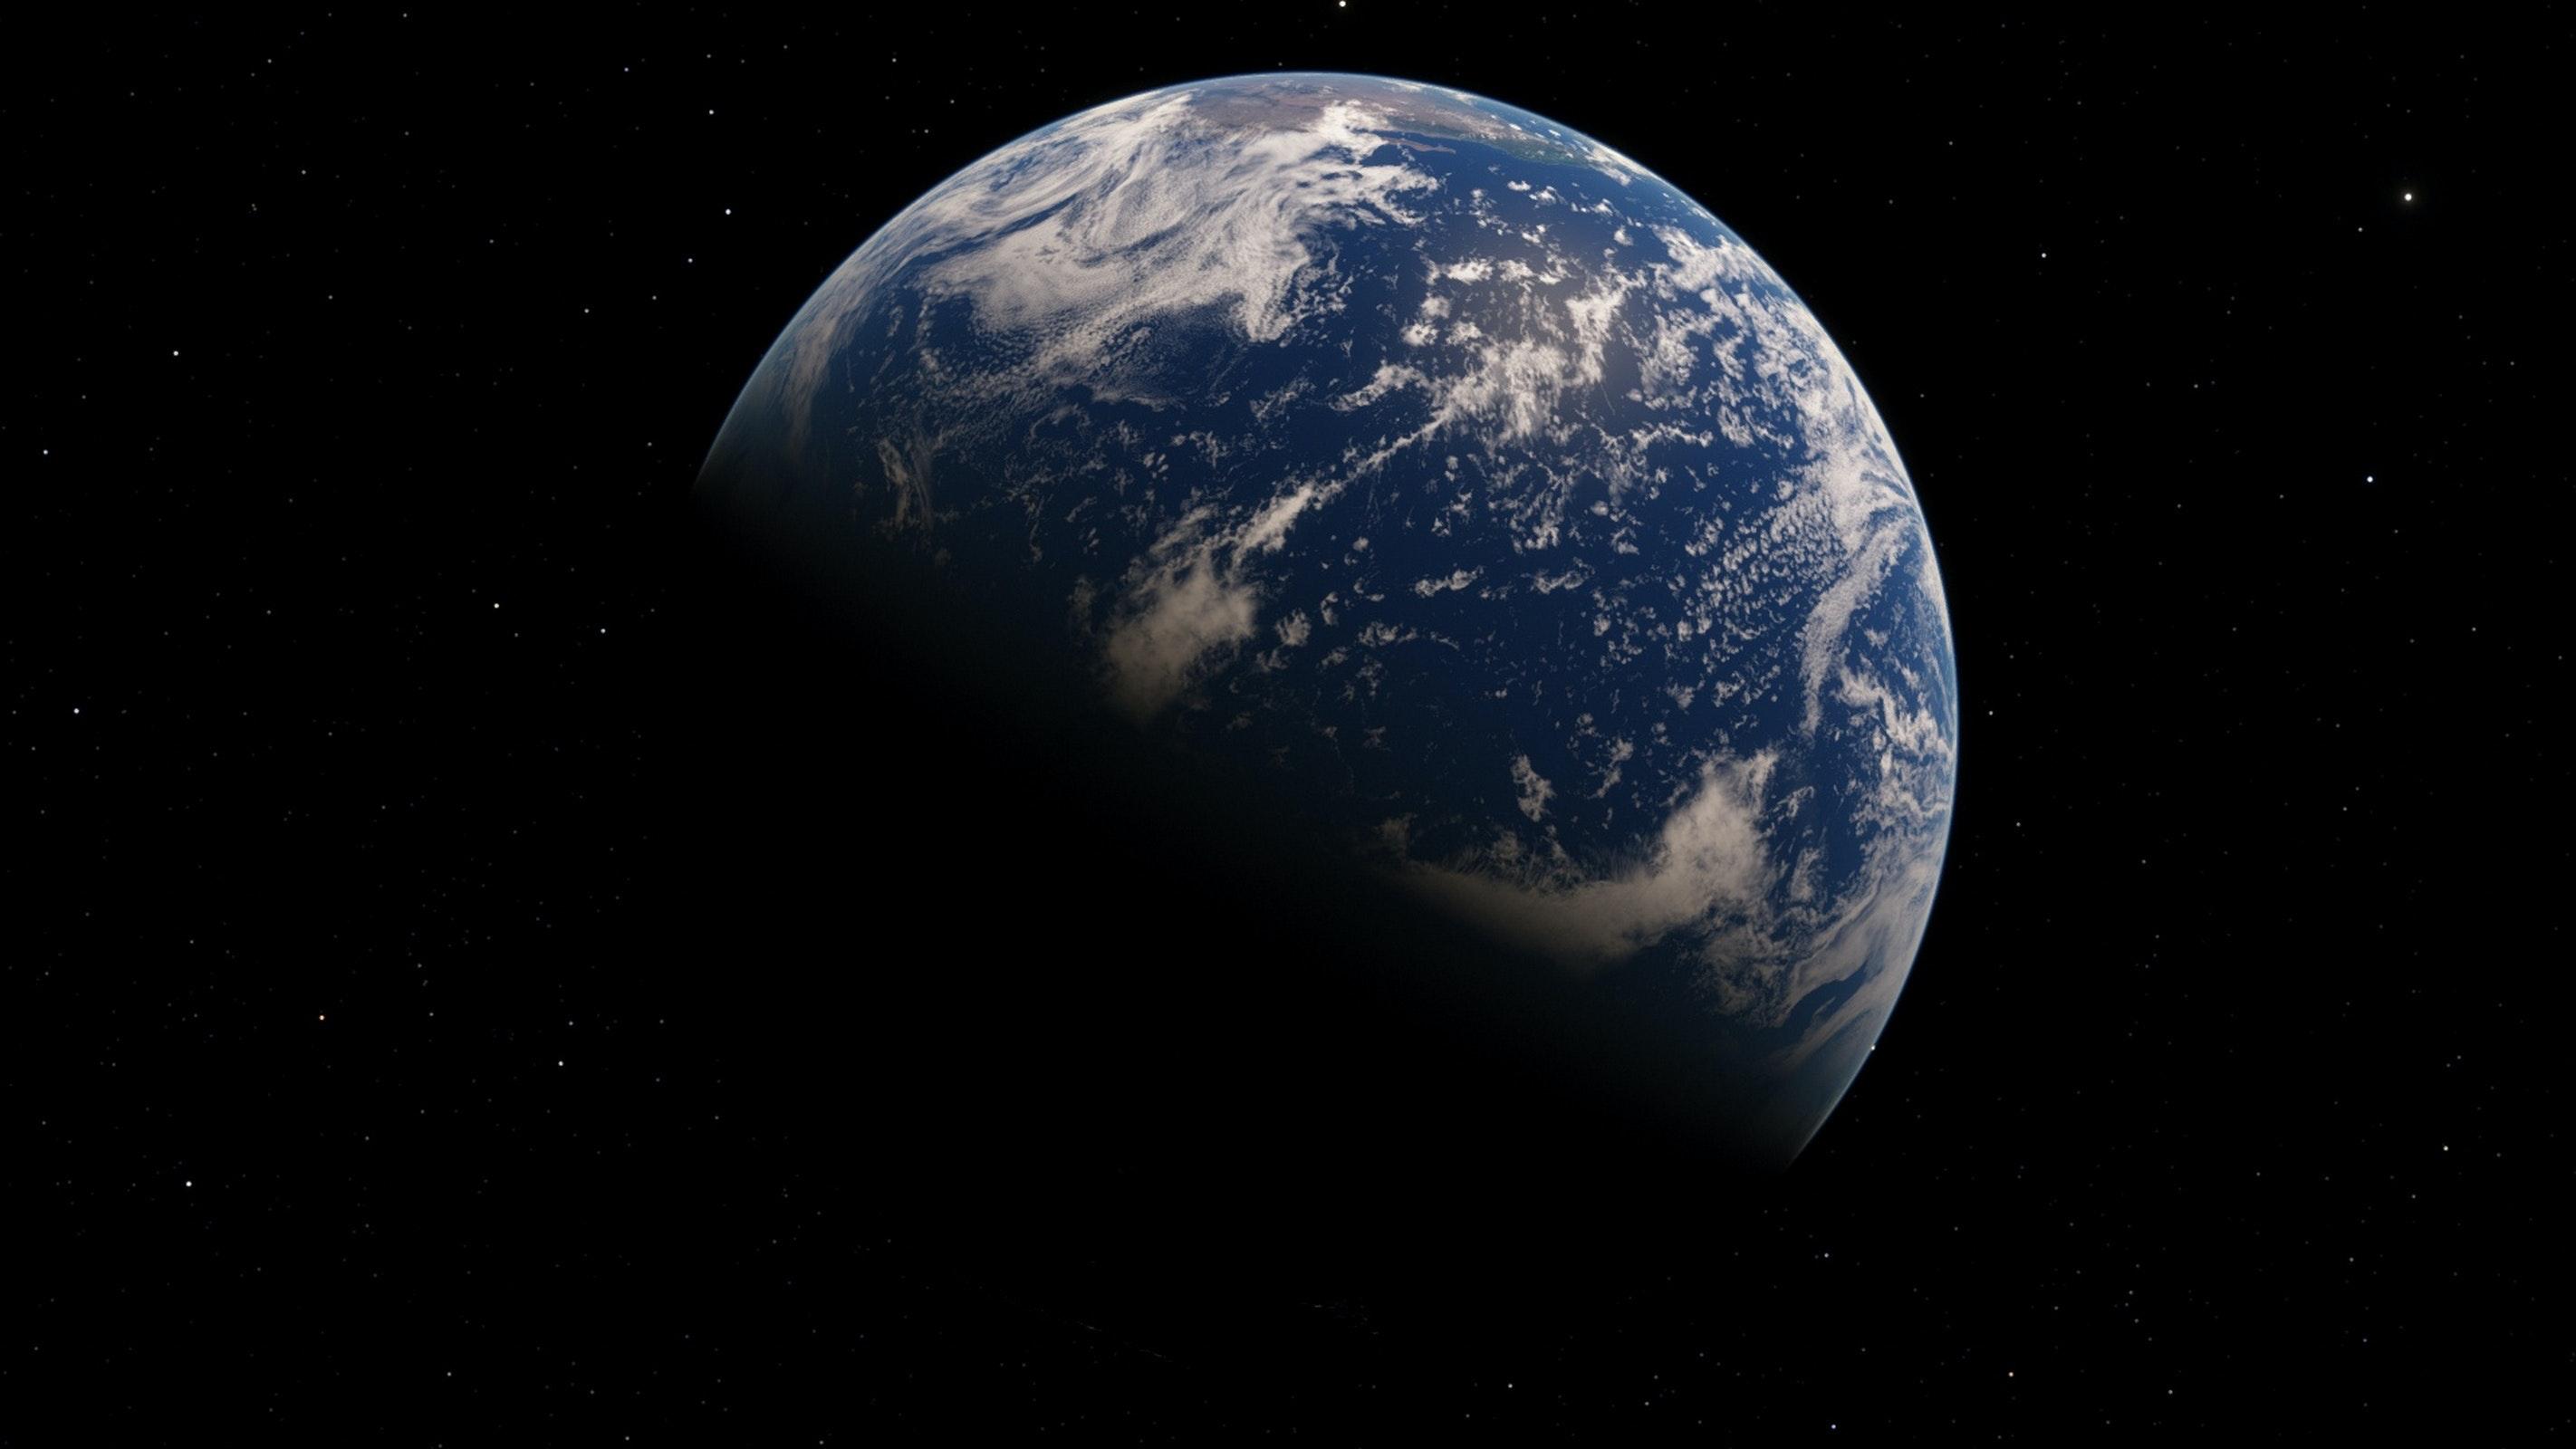 hvorfor er jorden rund